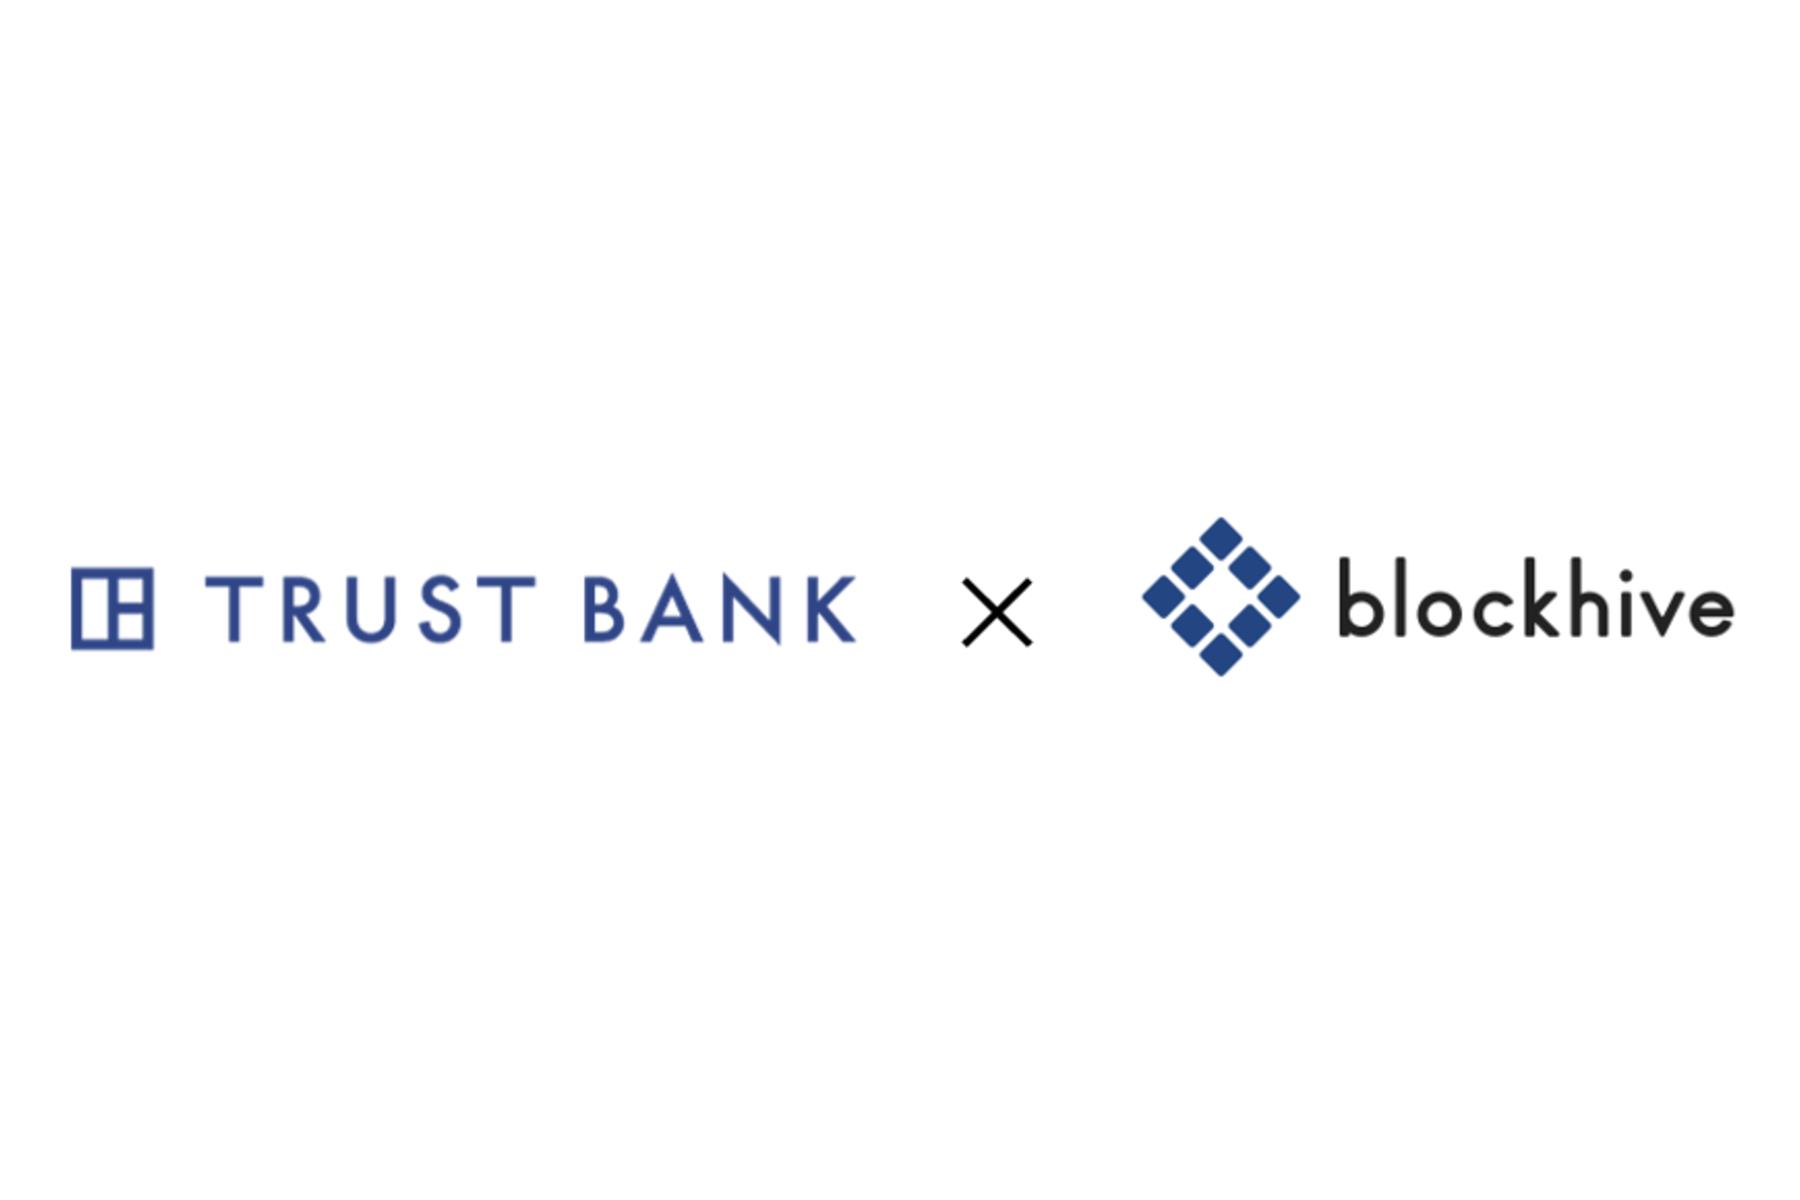 トラストバンク×blockhive | 電子国家エストニアのノウハウを活かした行政デジタル化促進で業務提携